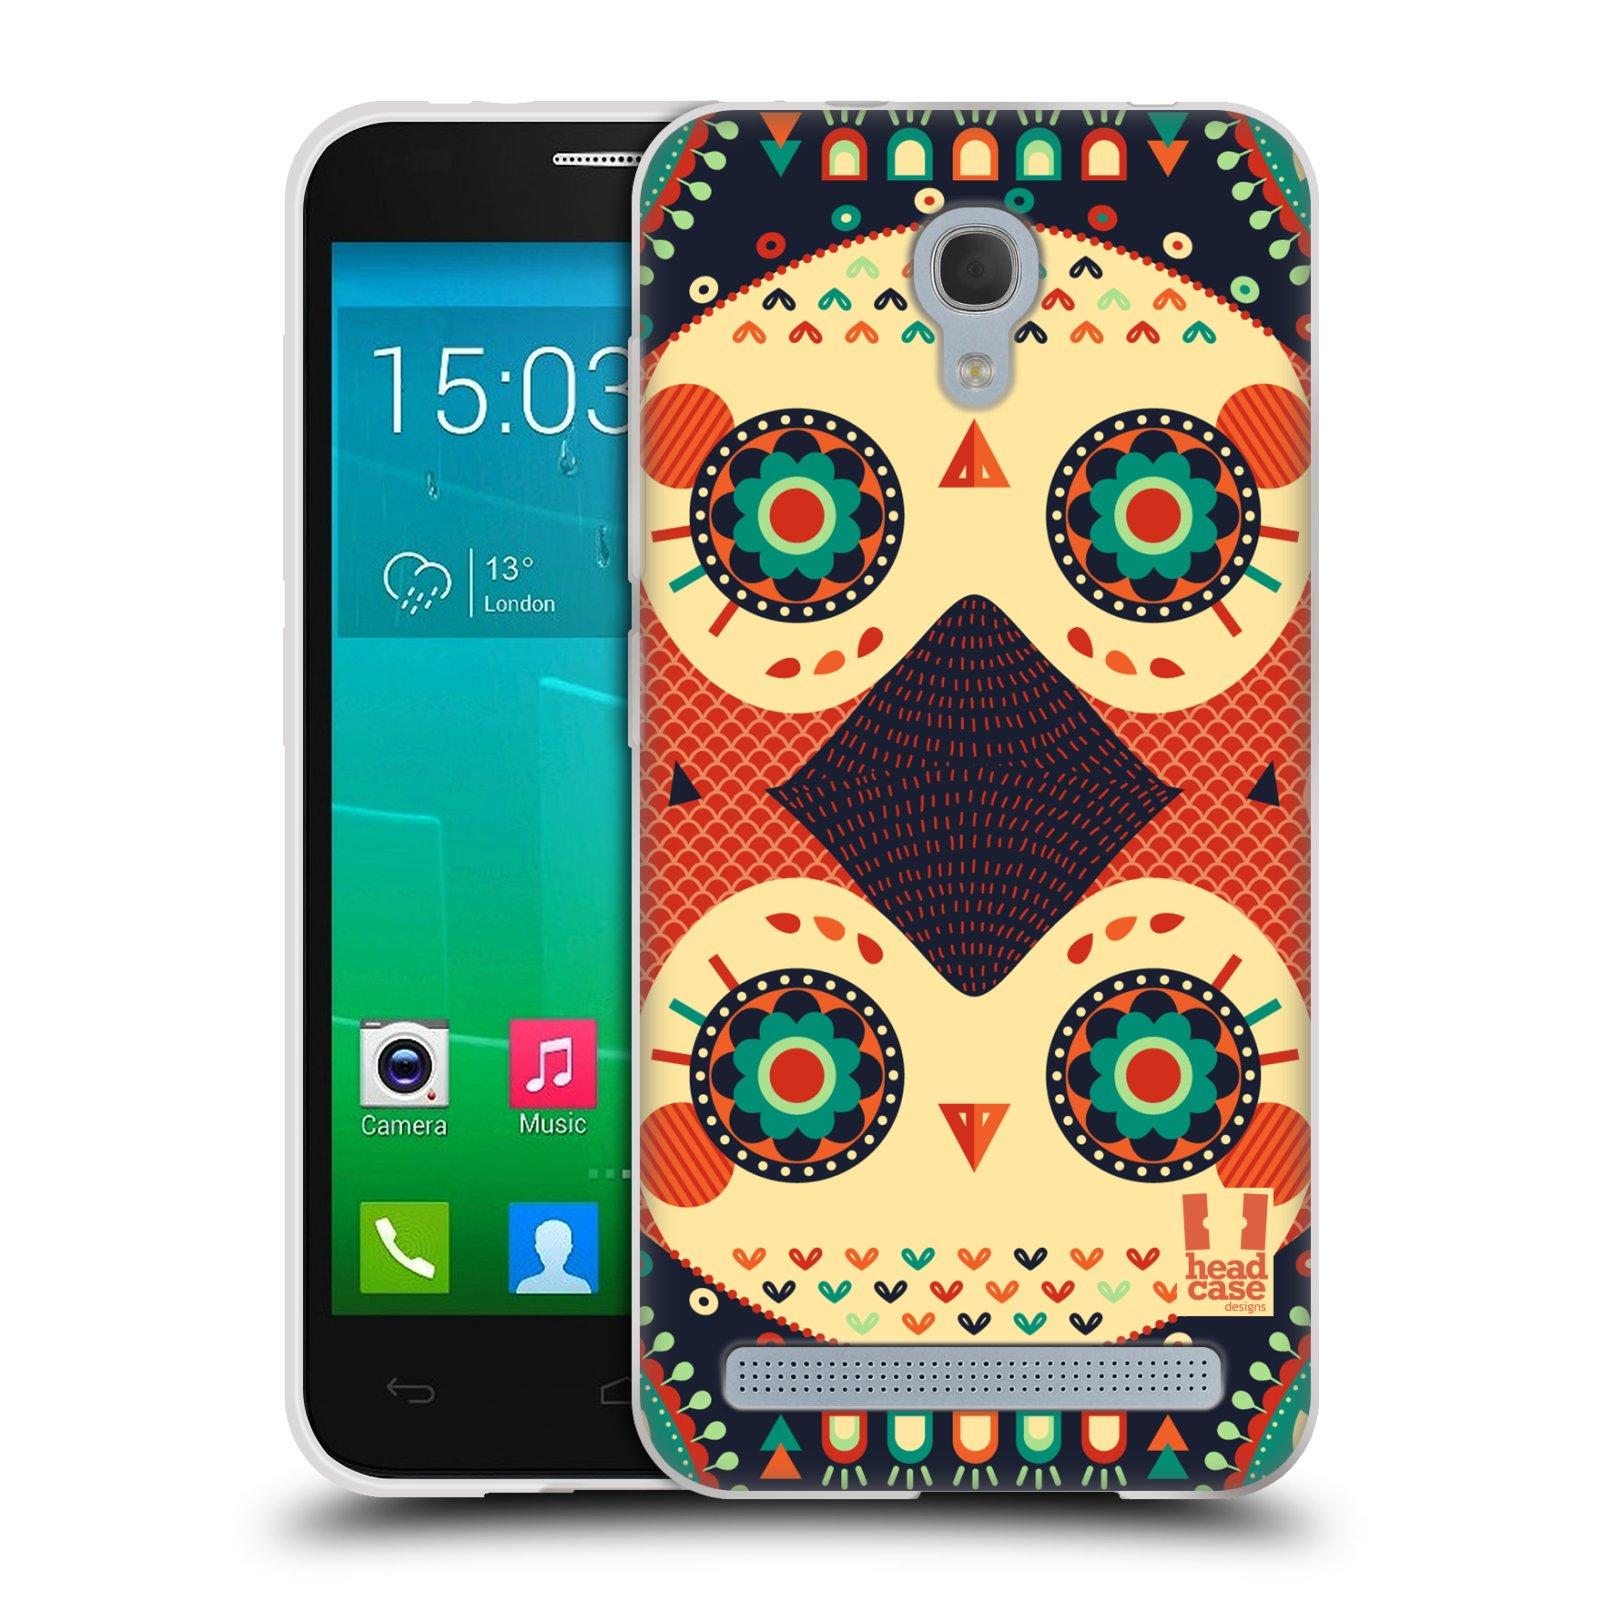 HEAD CASE silikonový obal na mobil Alcatel Idol 2 MINI S 6036Y vzor Stmívání sovička oranžová iluze